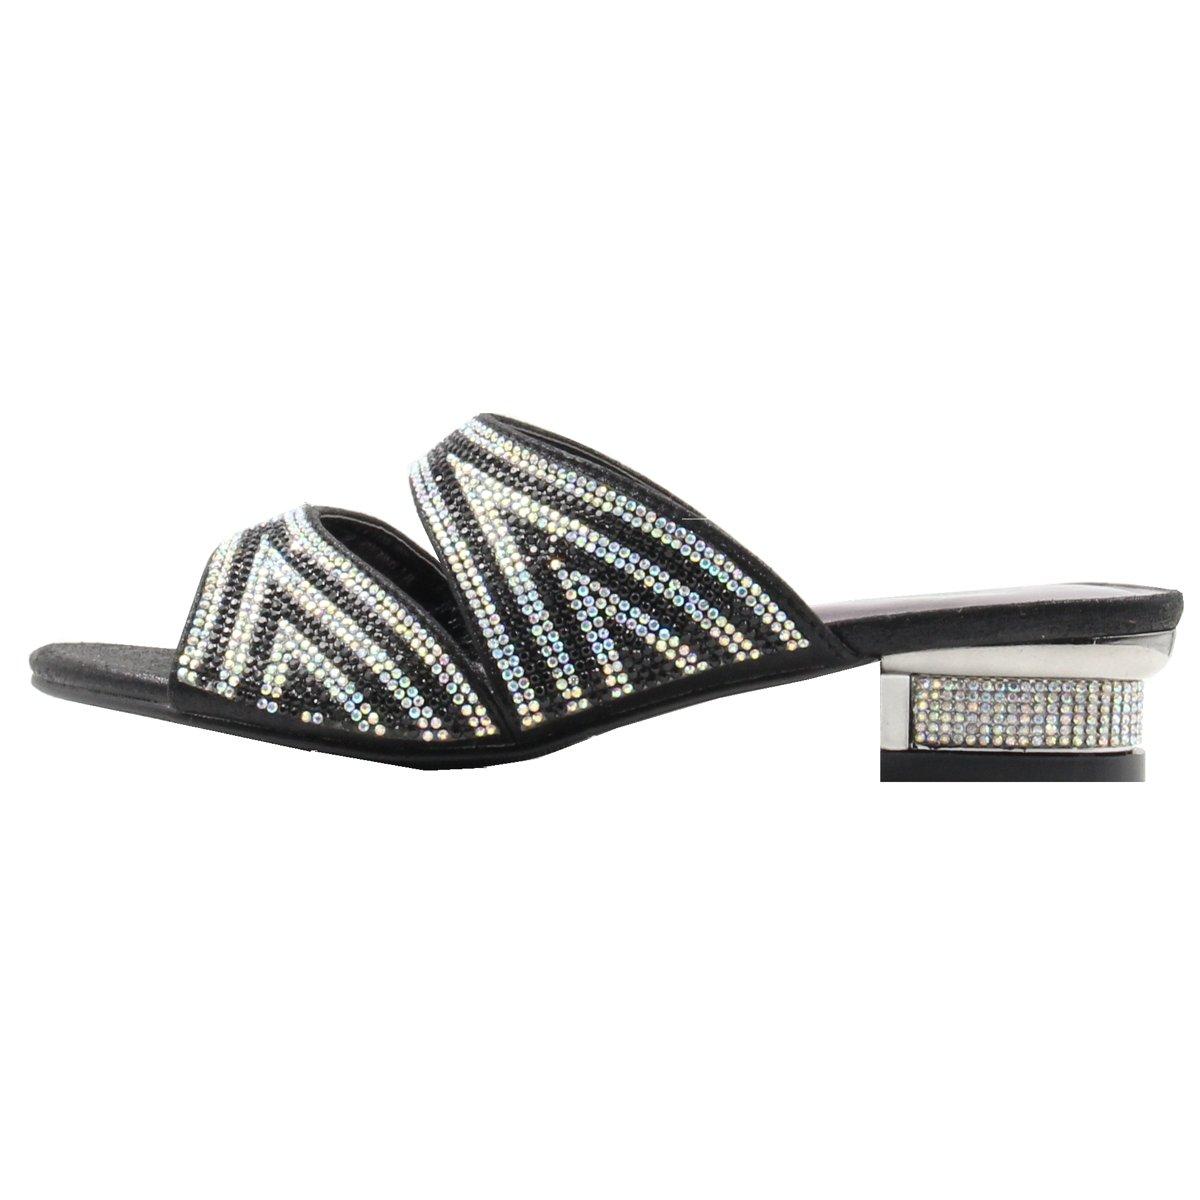 Women's Rhinestone Glitter Two-Piece Upper Open Toe Low Heeled Sandals with Memory Foam (9, Black)